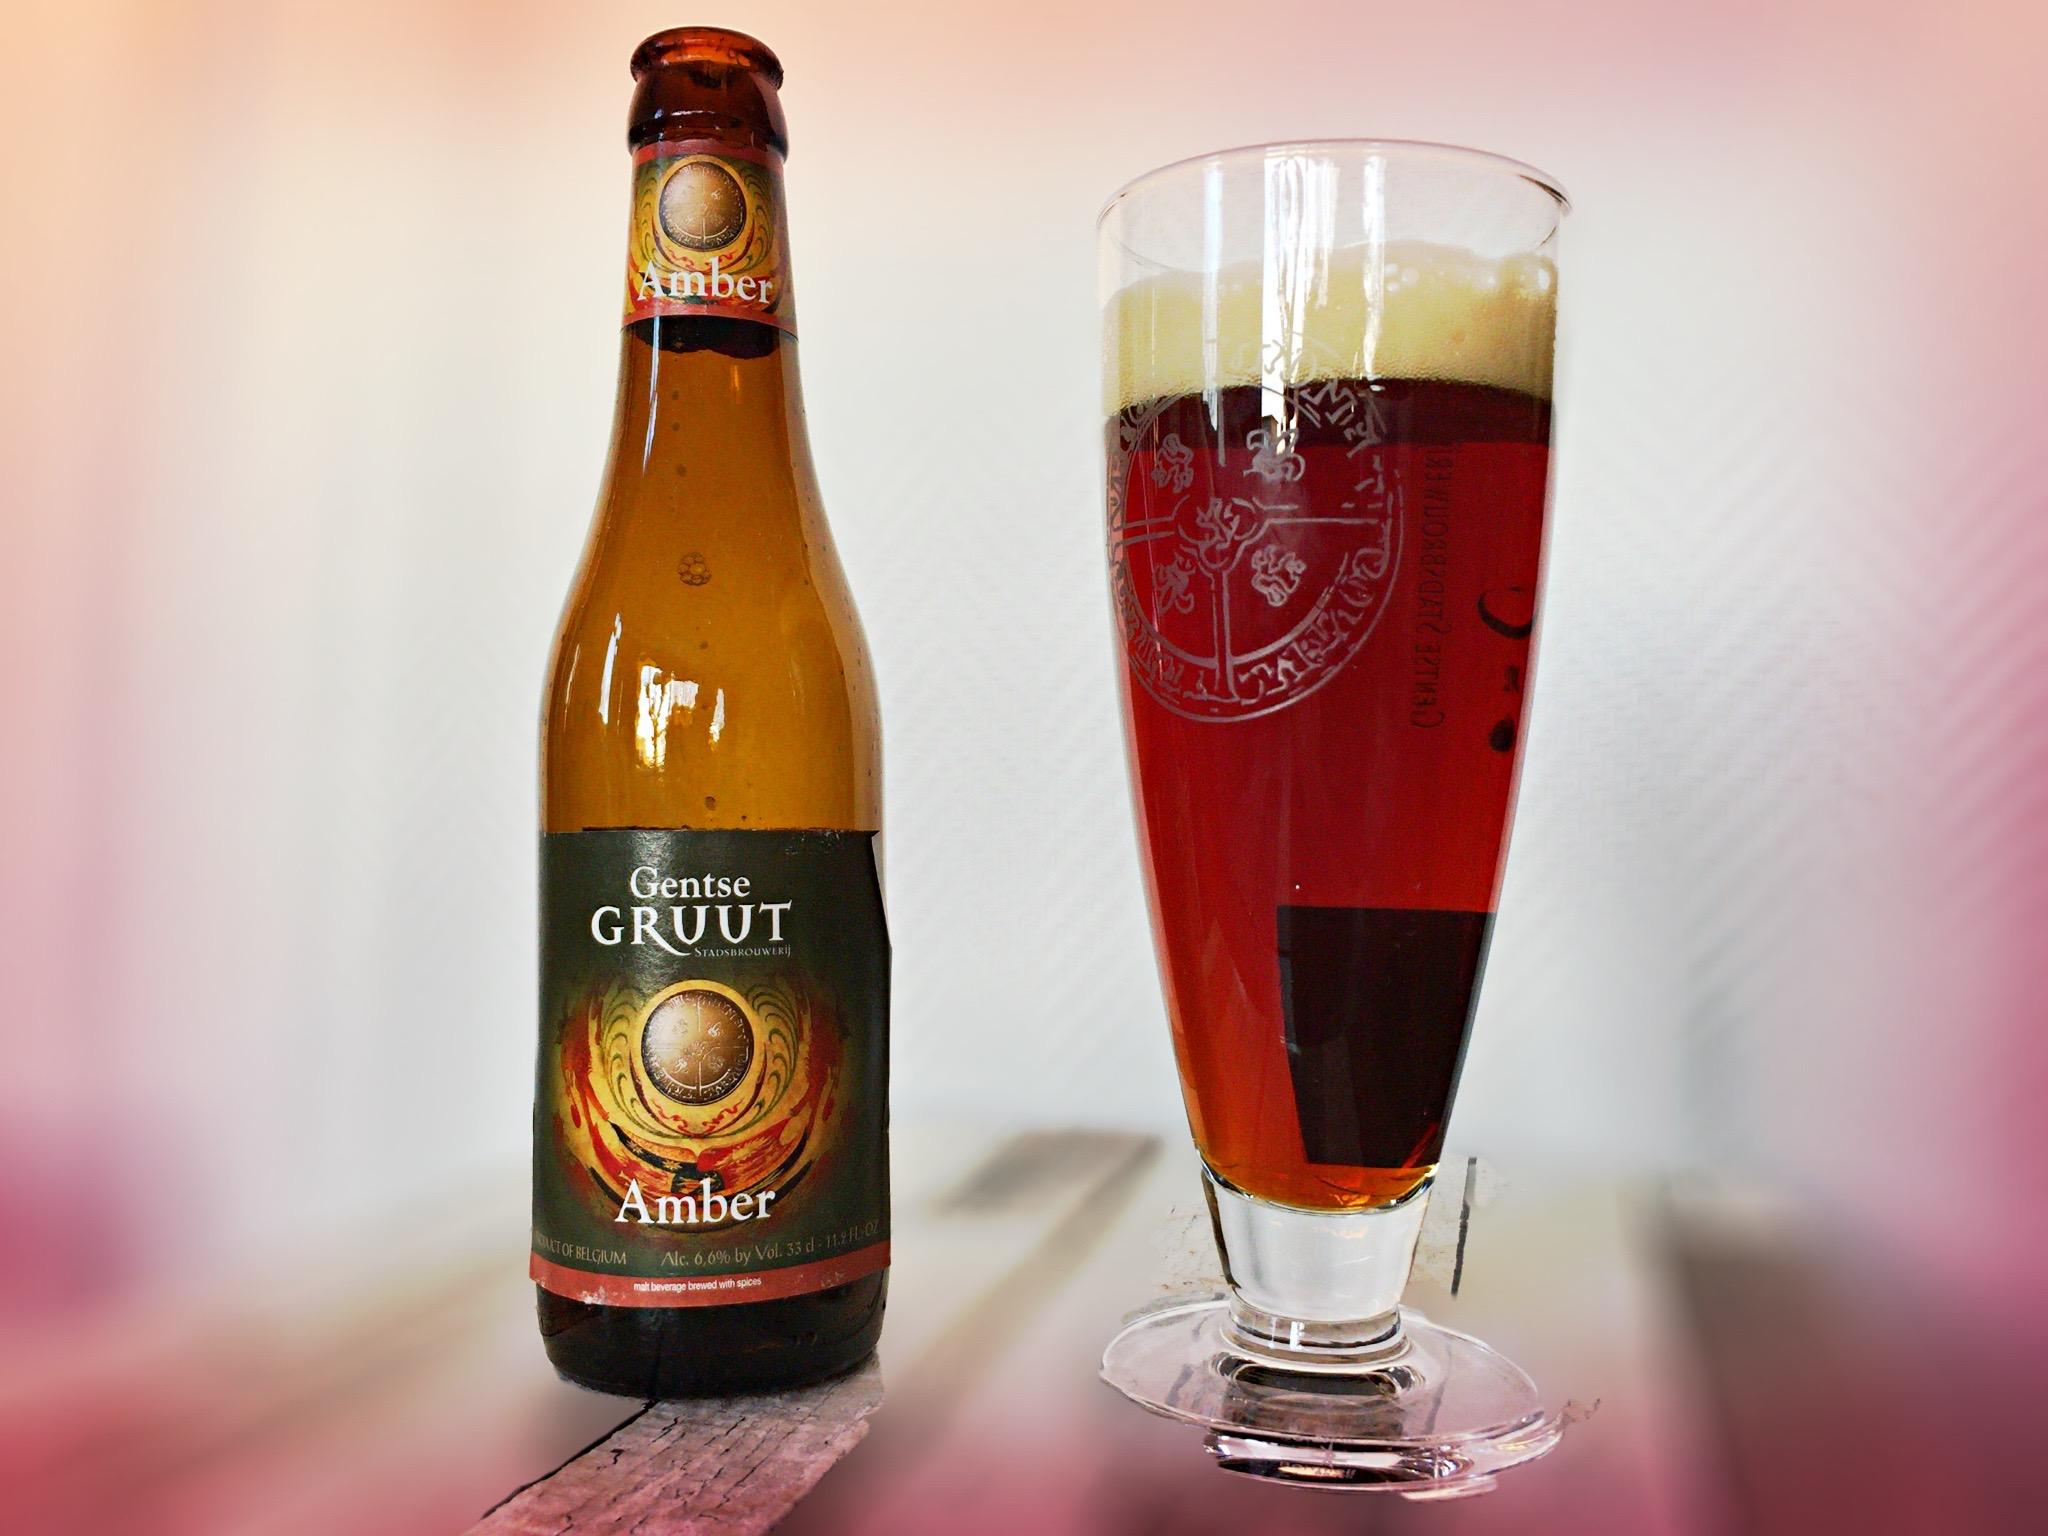 Belgisch bier met een bijbehorende glas kun je via de post binnen handbereik hebben. Foto: Elkedagvakantie